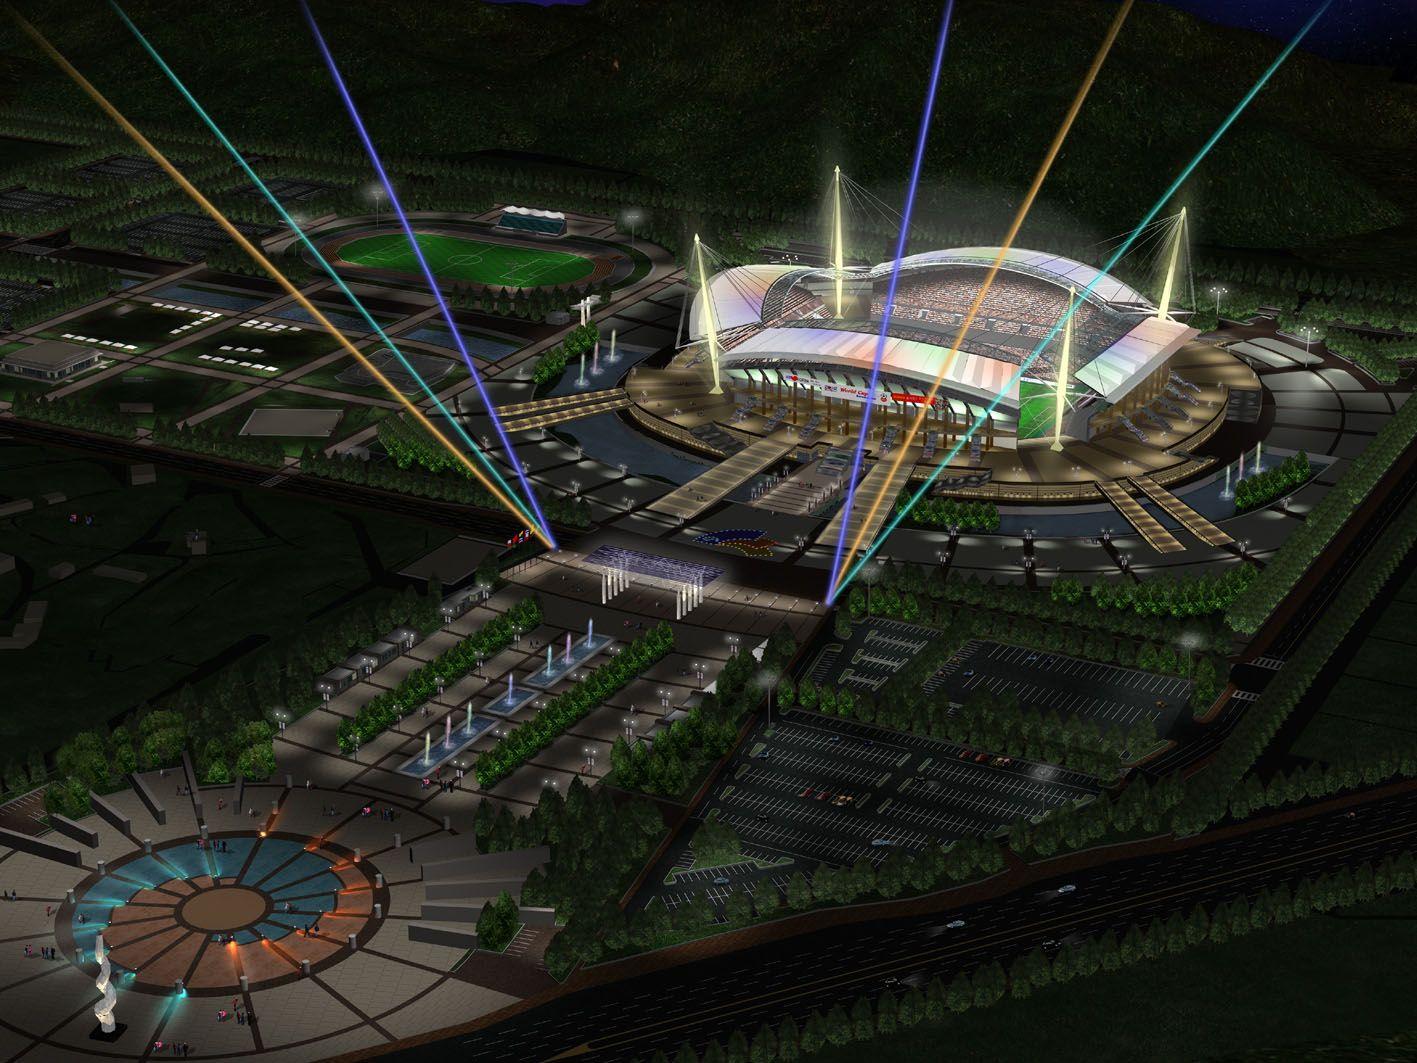 전주월드컵경기장 (Jeonju World Cup Stadium) in 전주시, 全羅